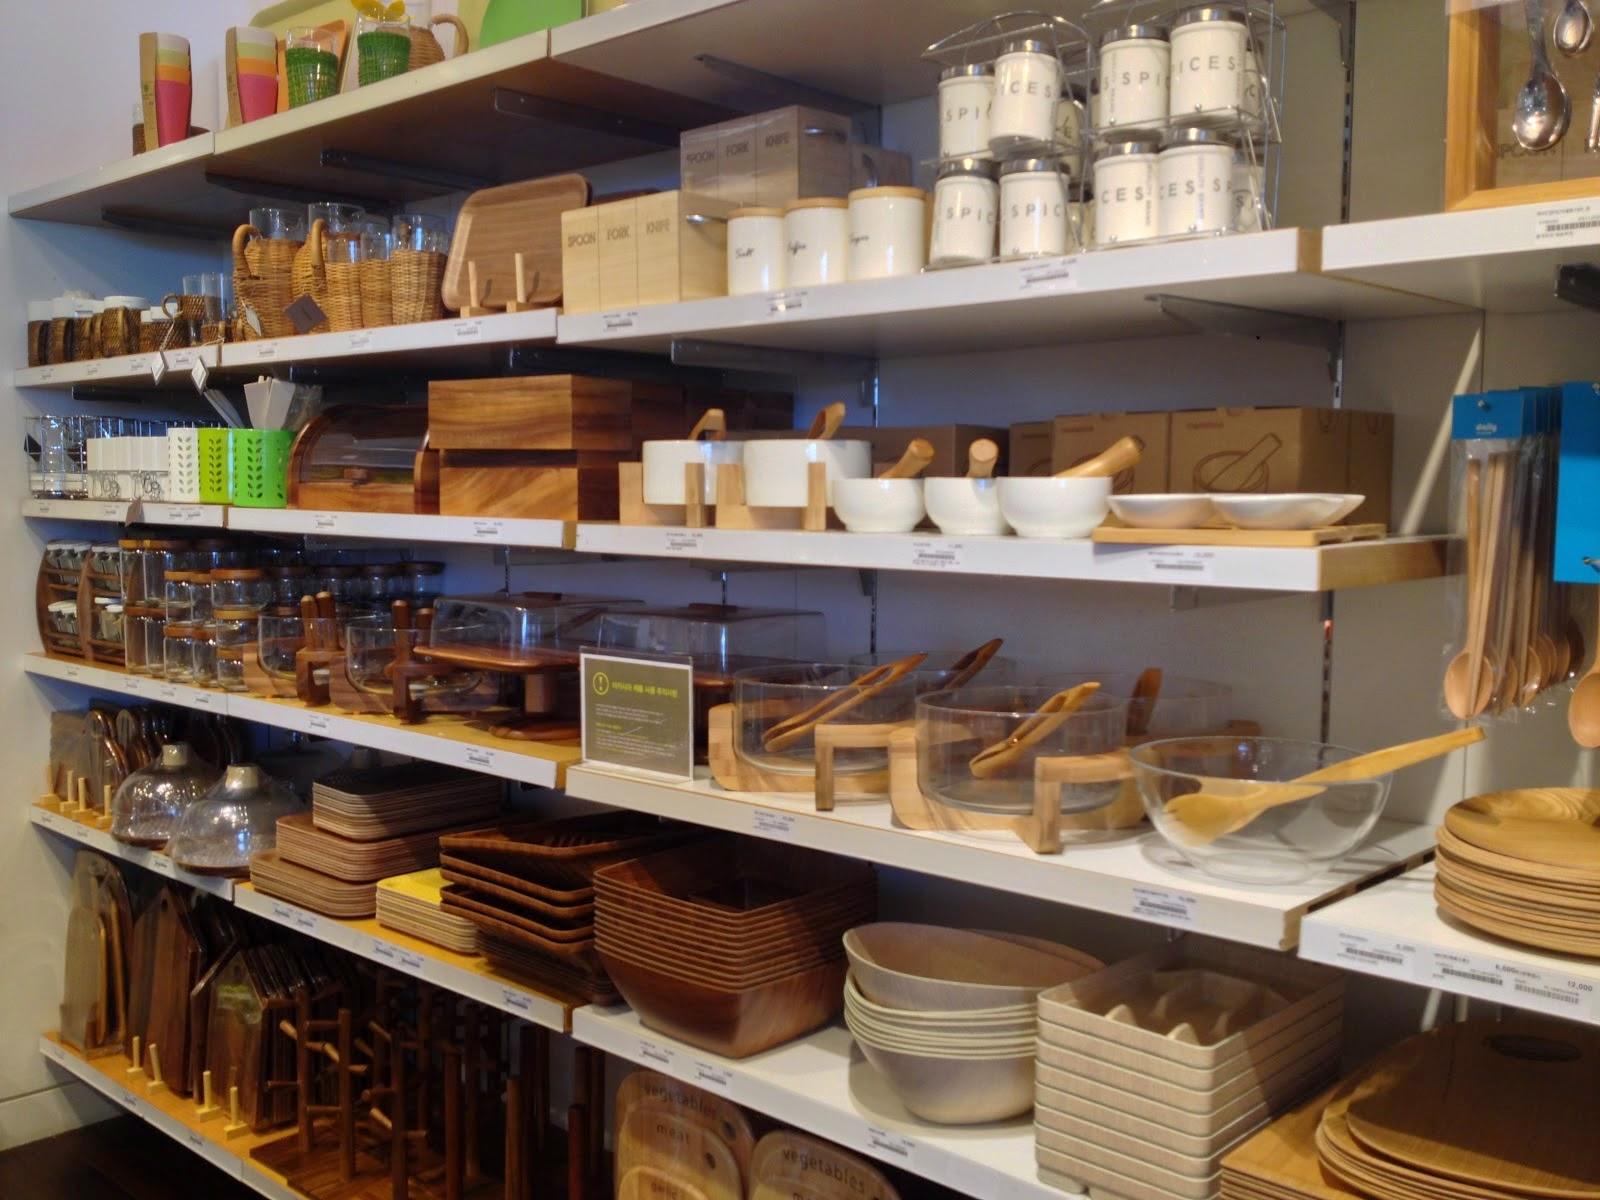 a4a9545a1f85 Σε πολλές περιπτώσεις τα καταστήματα οικιακού εξοπλισμού επικεντρώνονται  στα είδη καθημερινής χρήσης όπως ψάθινα καλάθια ψωμιού, μπόλ, σετ για  αλάτι-πιπέρι ...